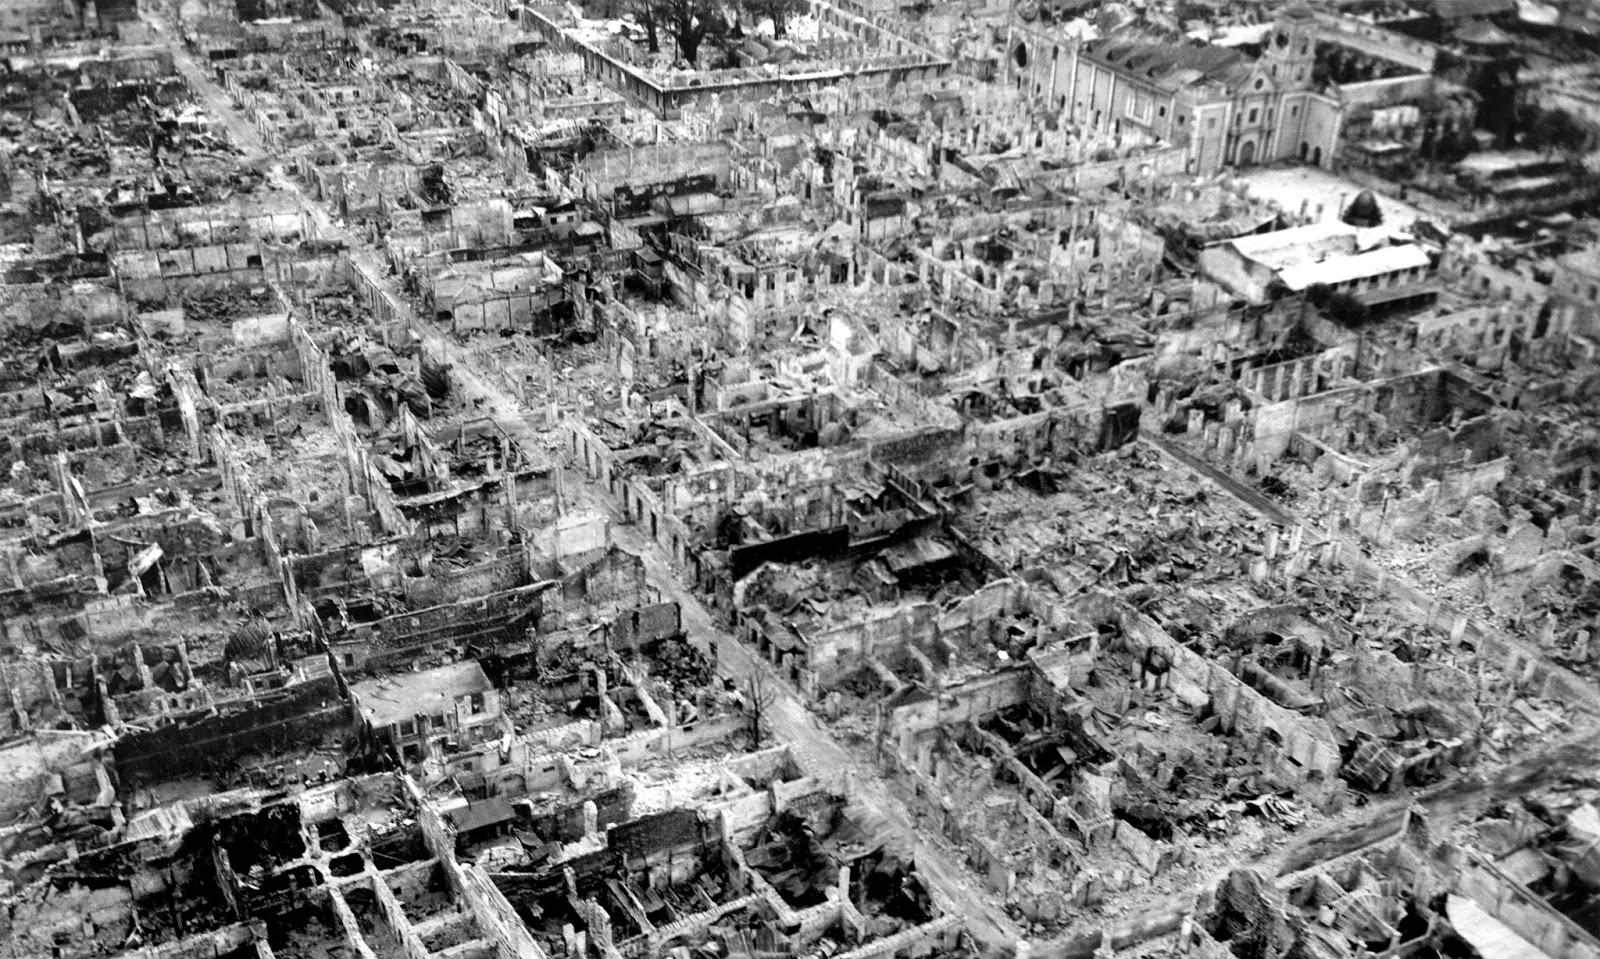 نمایی از بافت تاریخی تخریب شدهی مانیل در جنگ جهانی دوم